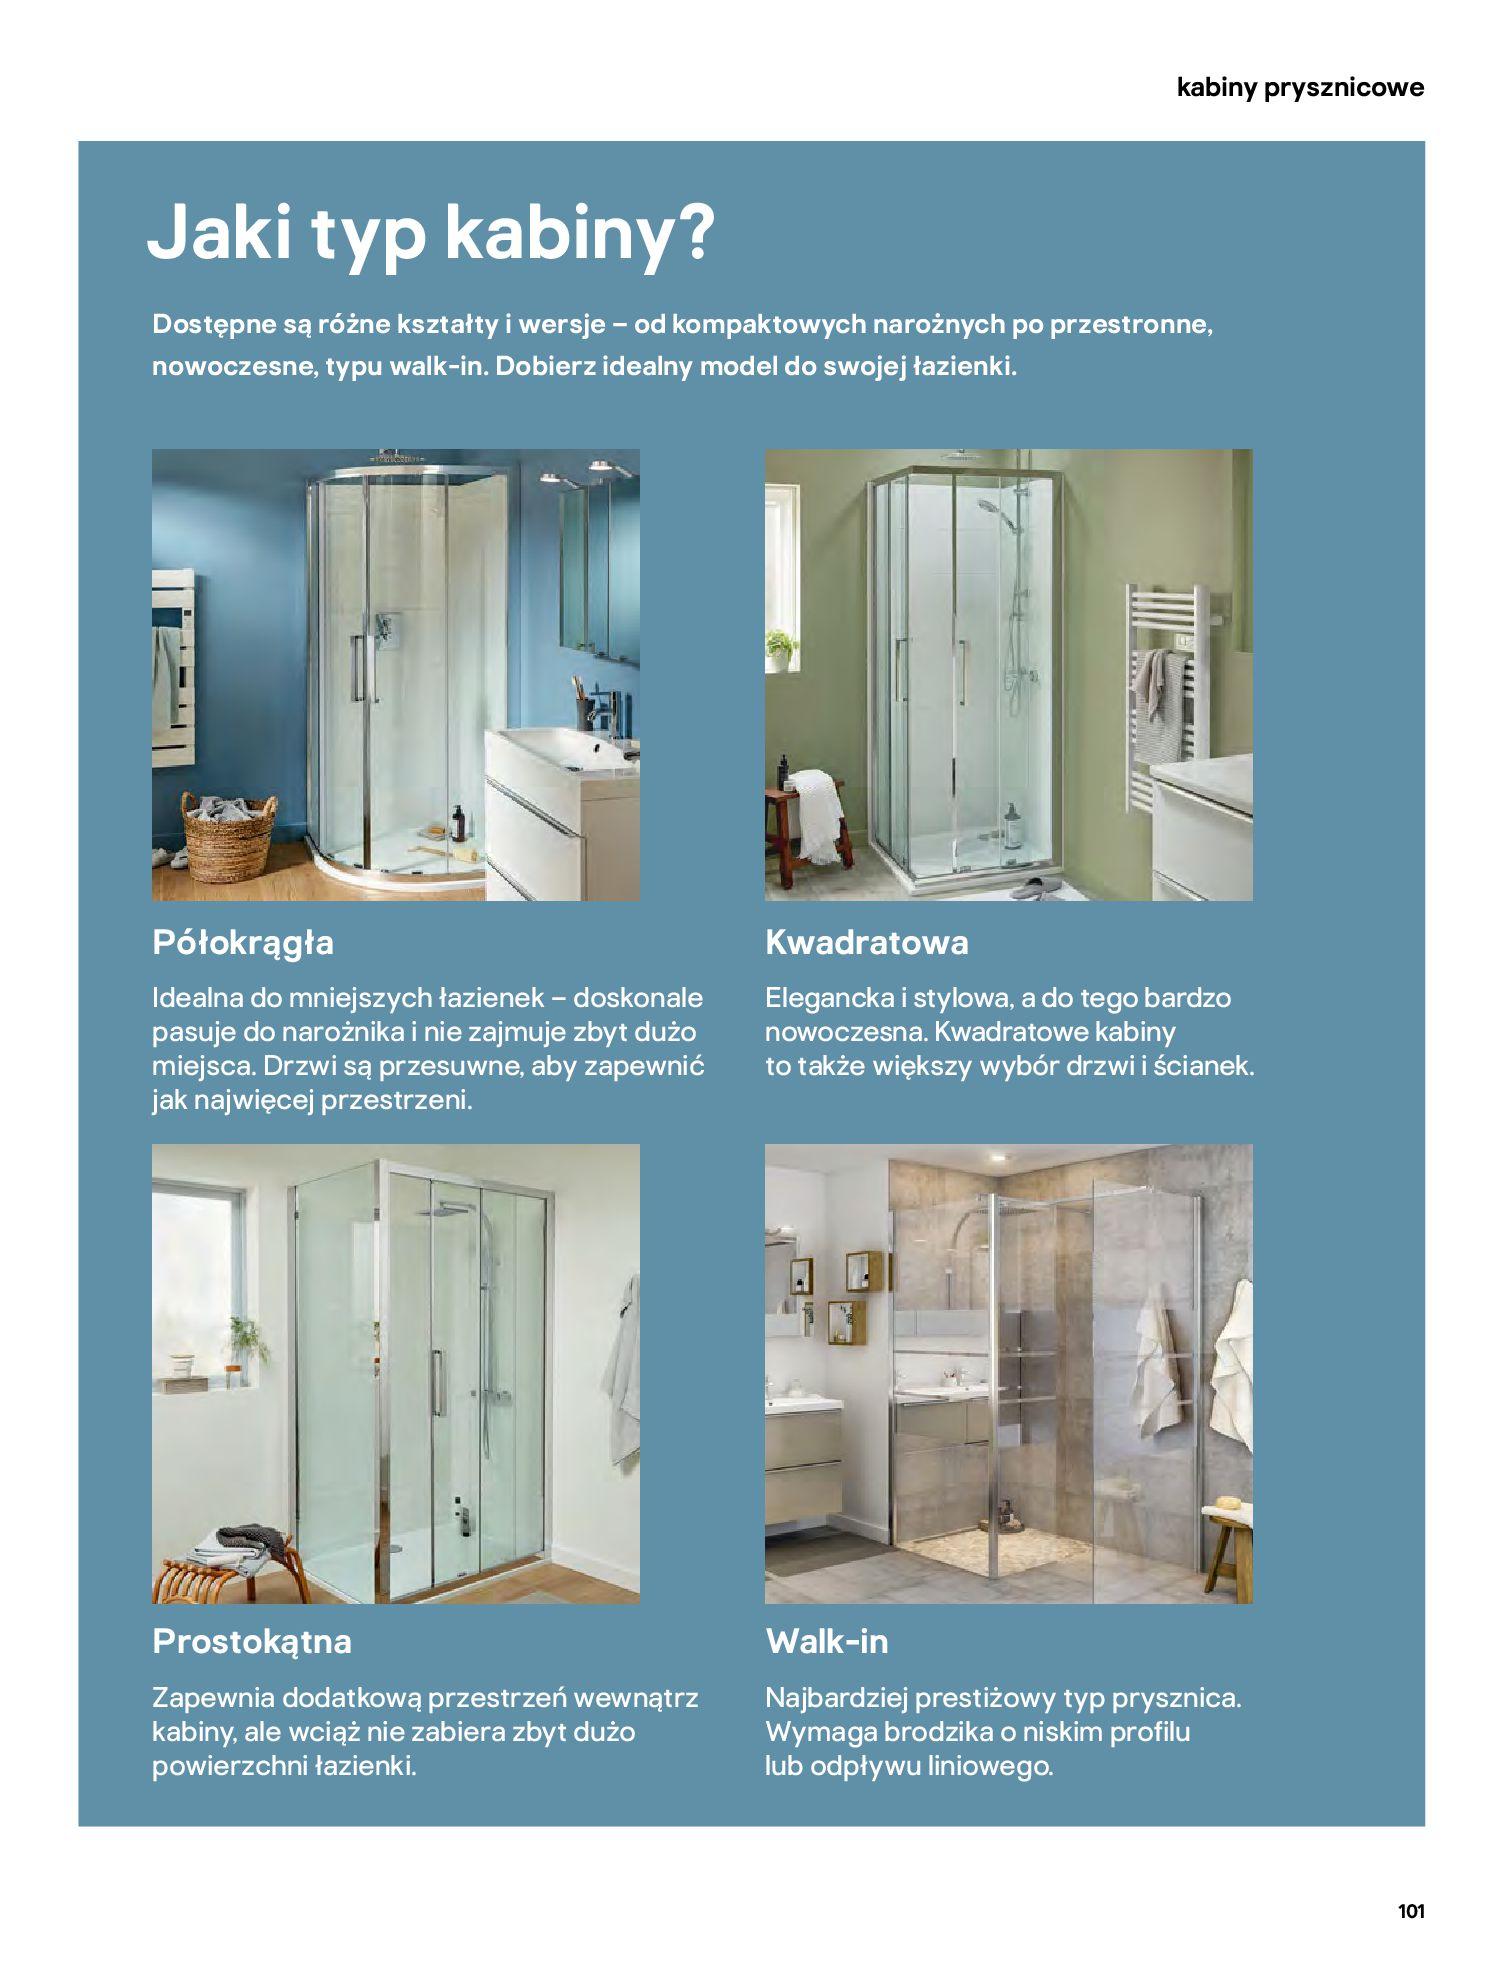 Gazetka Castorama: Gazetka Castorama - katalog łazienki 2021 2021-06-16 page-101